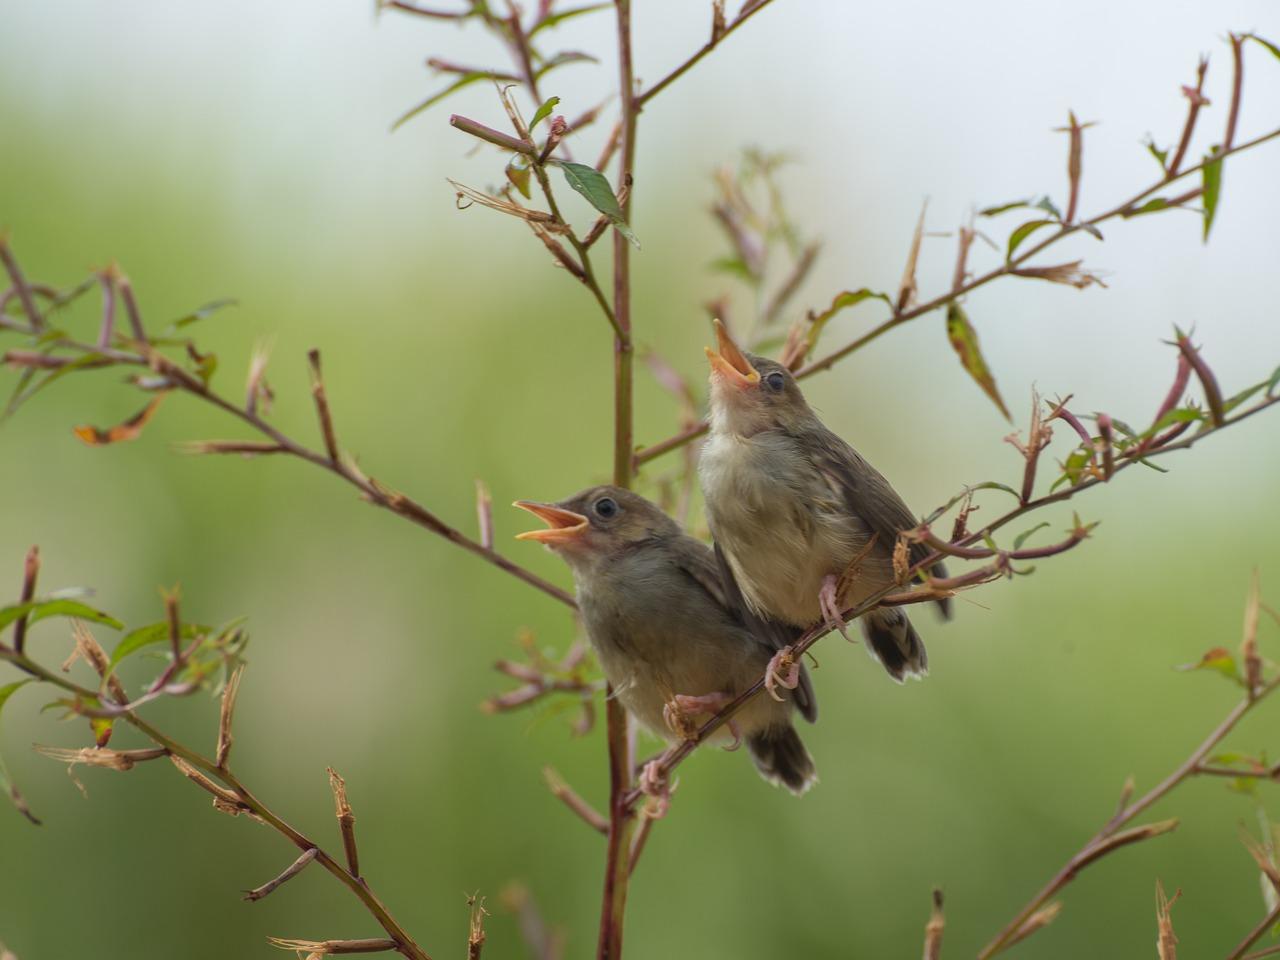 Птичка поет песню картинки